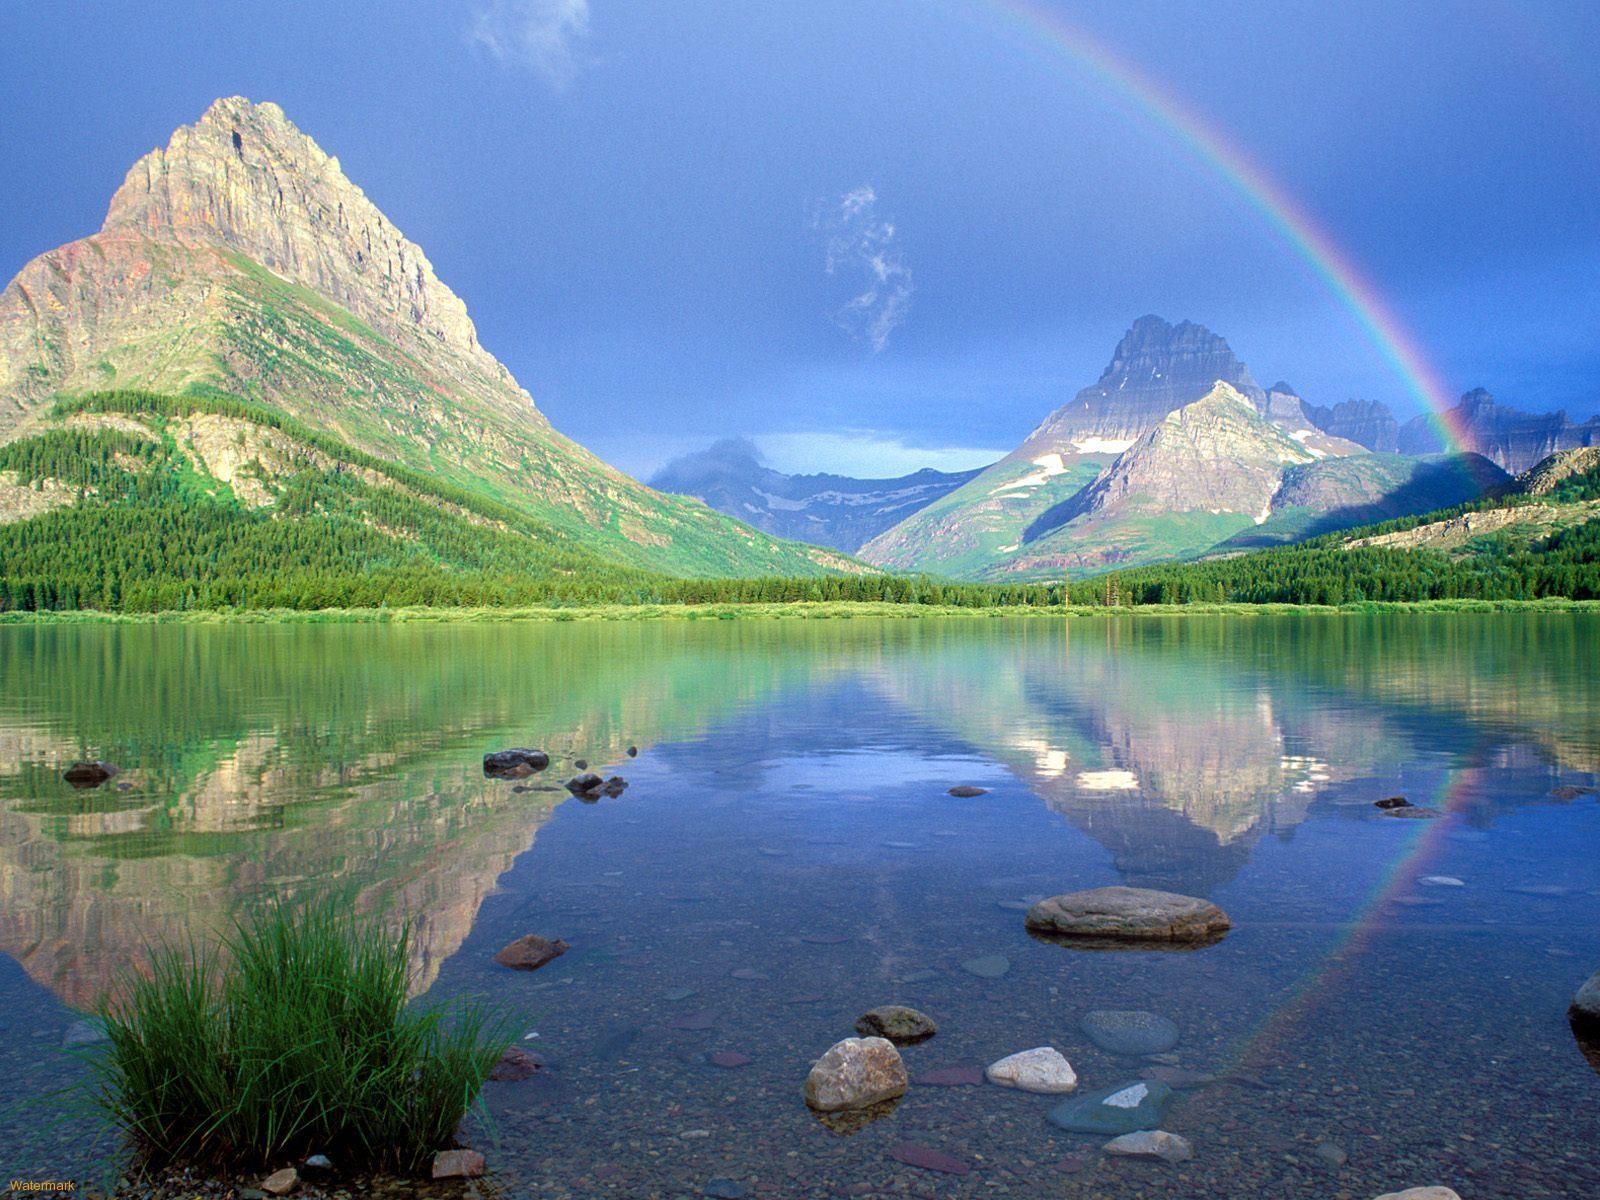 http://4.bp.blogspot.com/-wf0BcK6xiSg/UC7GgCS5HgI/AAAAAAAABdQ/iWFsPT8j8lU/s1600/hd-rainbow-wallpaper.jpeg